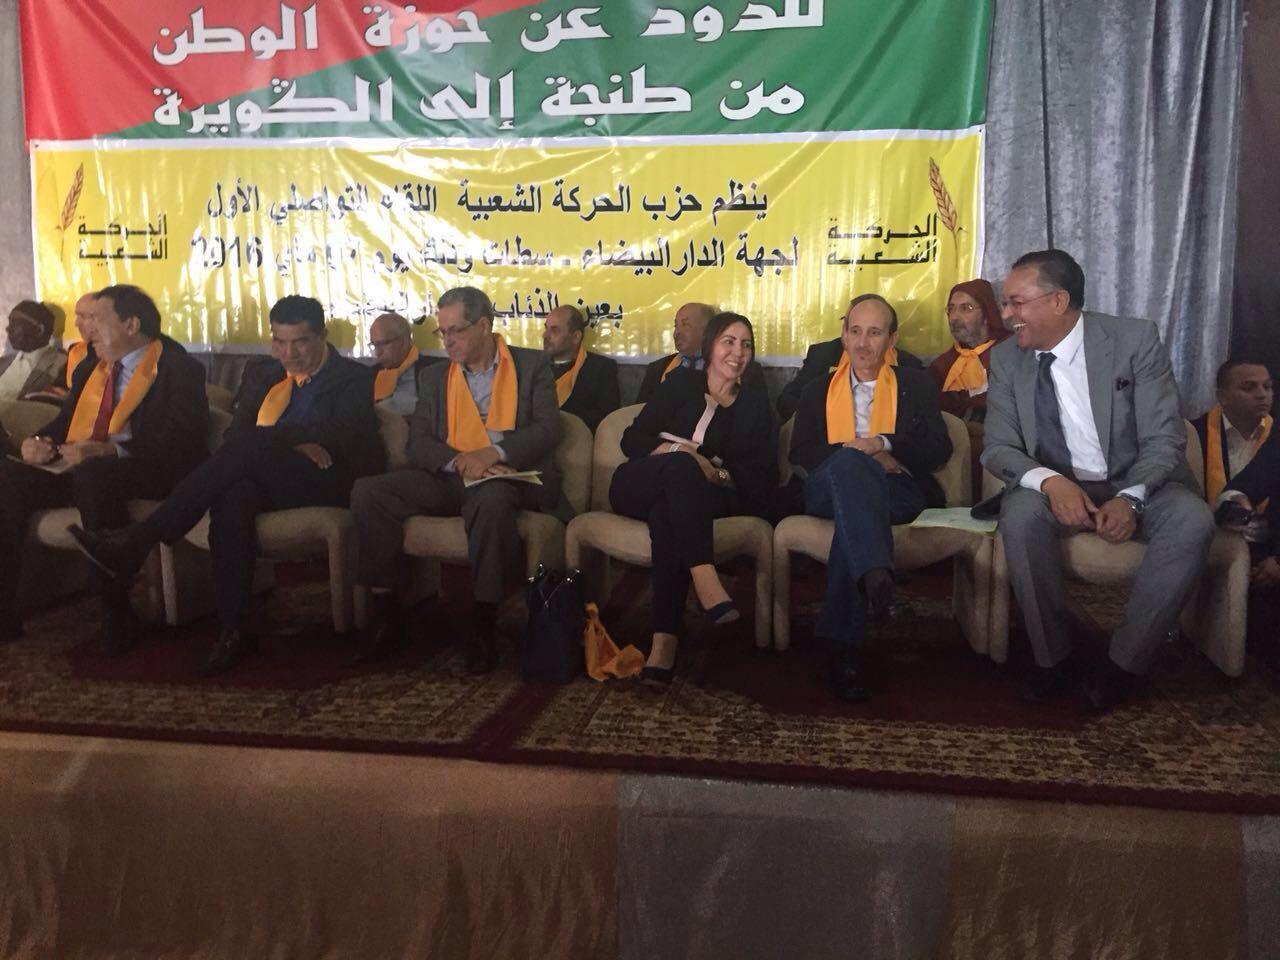 امحند العنصر من الدار البيضاء: الحركة الشعبية  تراهن على احتلال موقع متقدم في الانتخابات التشريعية